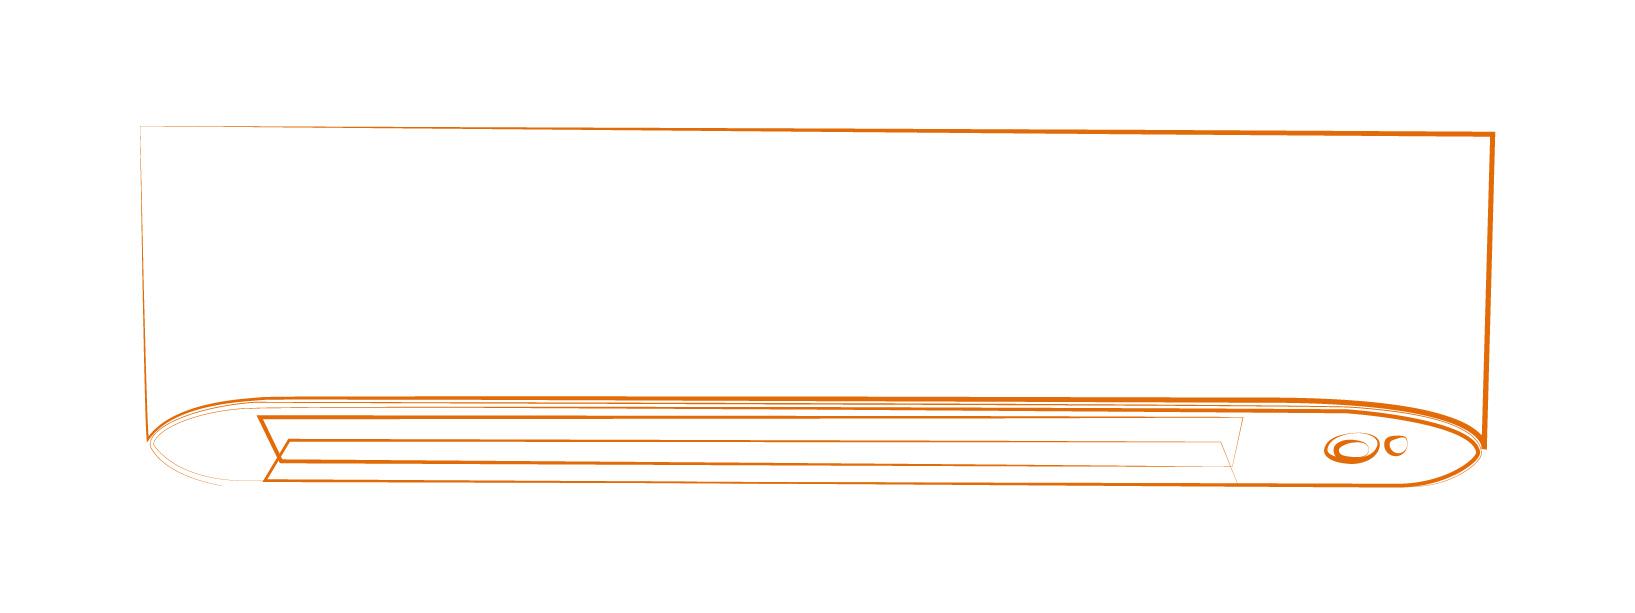 line minisplit